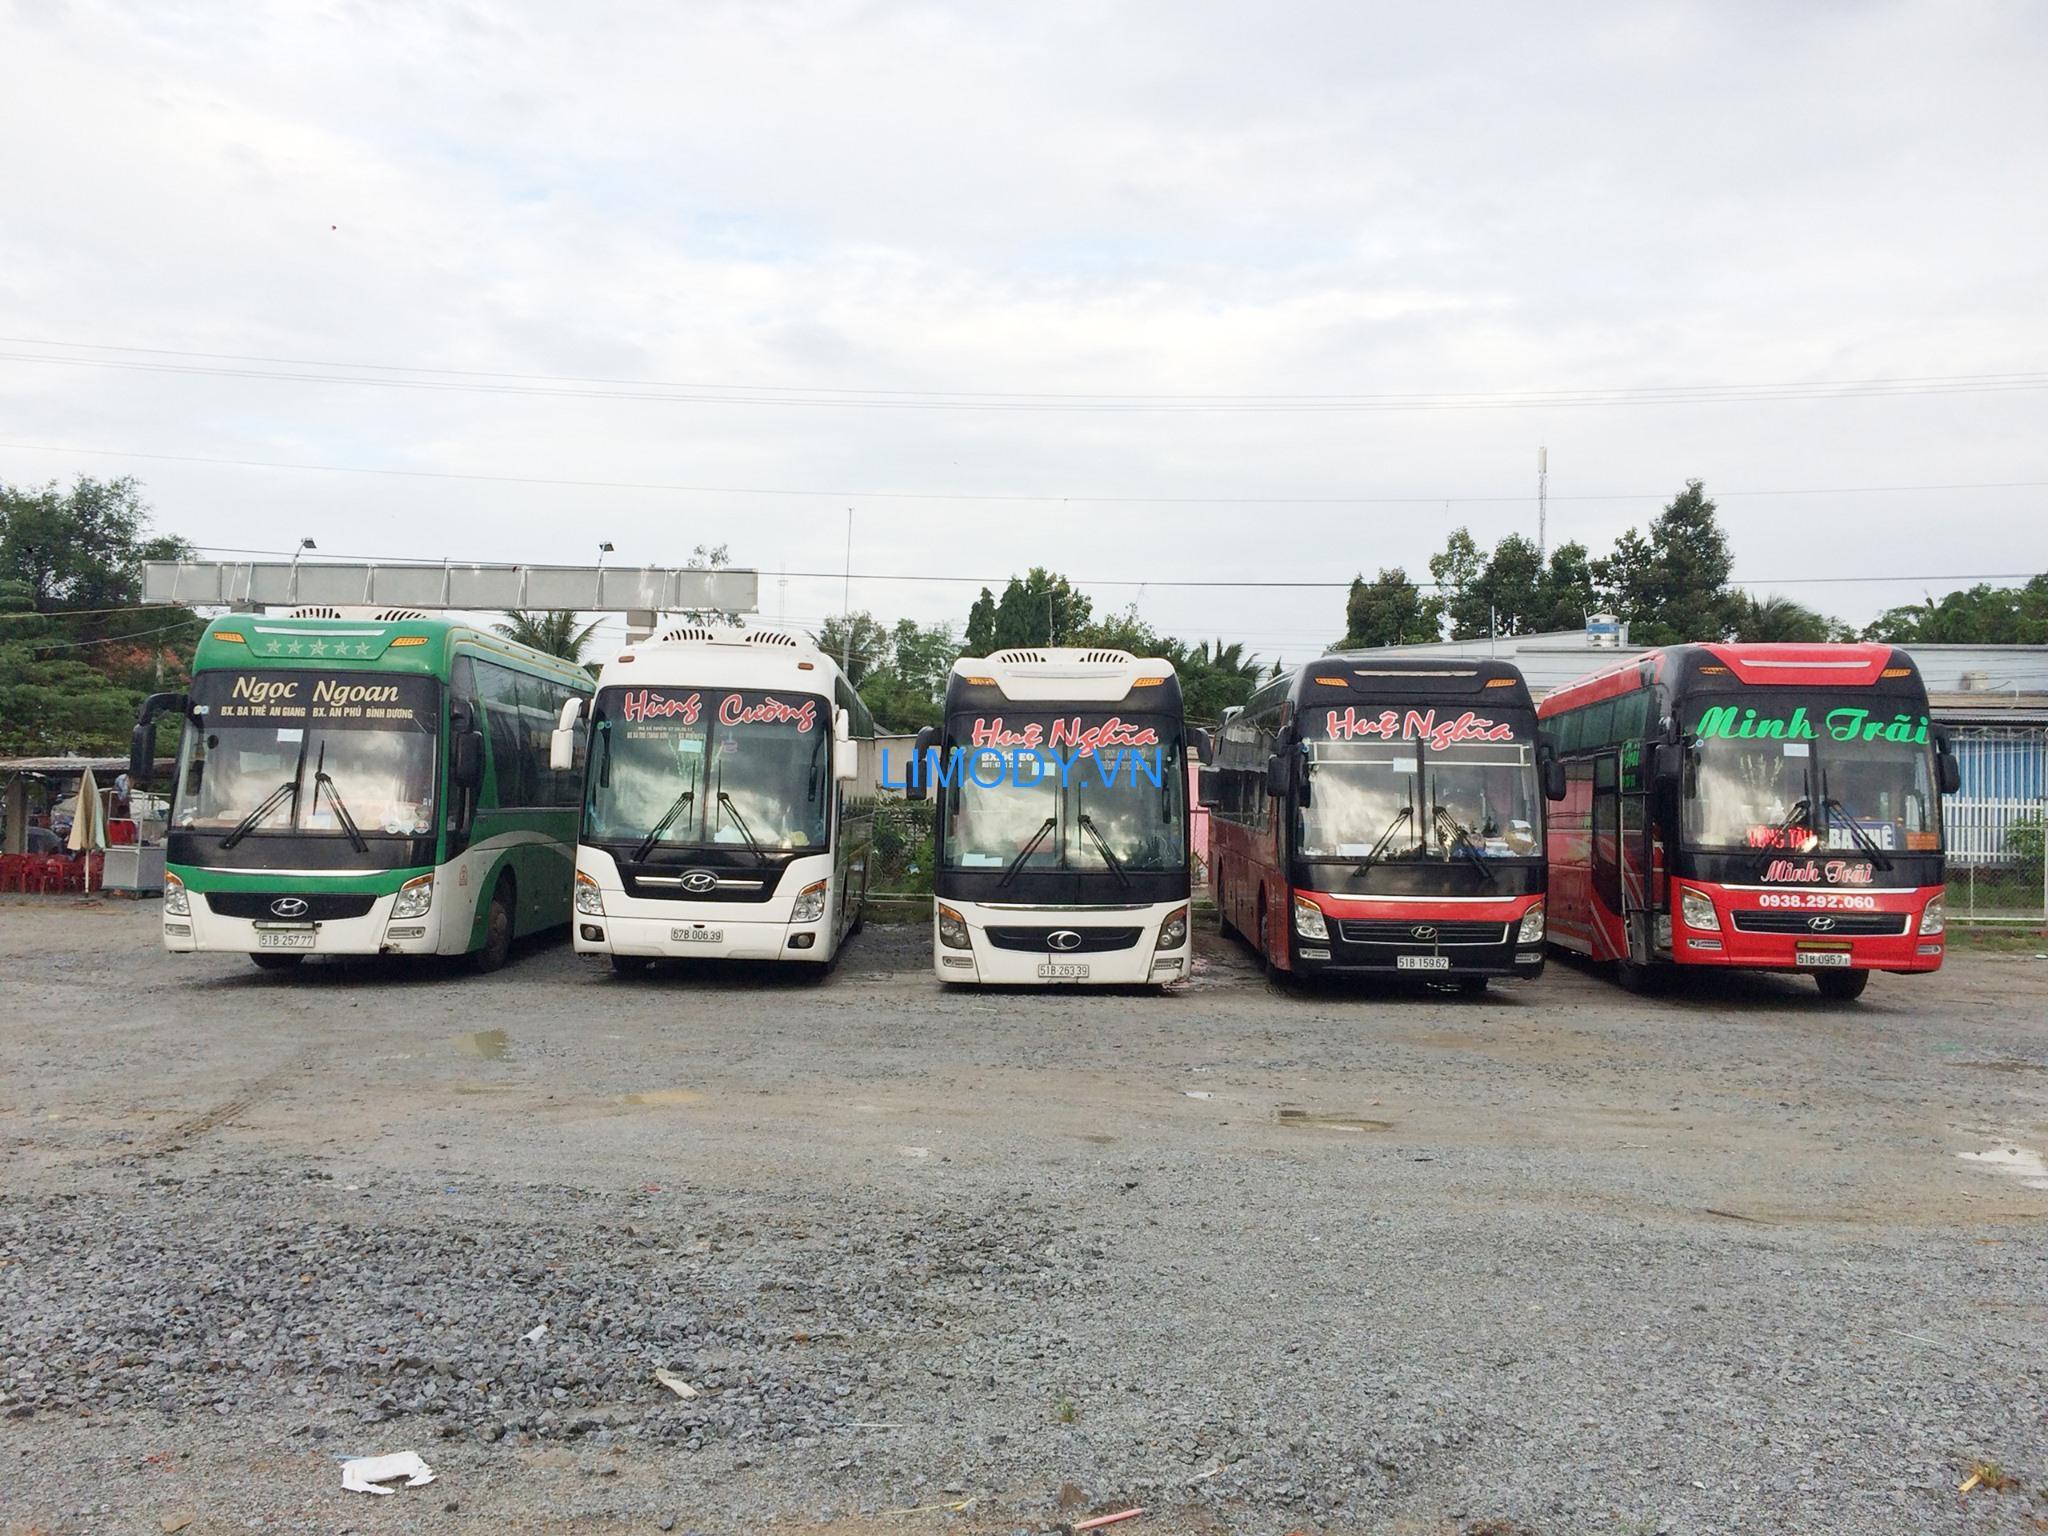 Bến xe thị trấn Óc Eo An Giang: Địa chỉ liên hệ, số điện thoại và các nhà xe